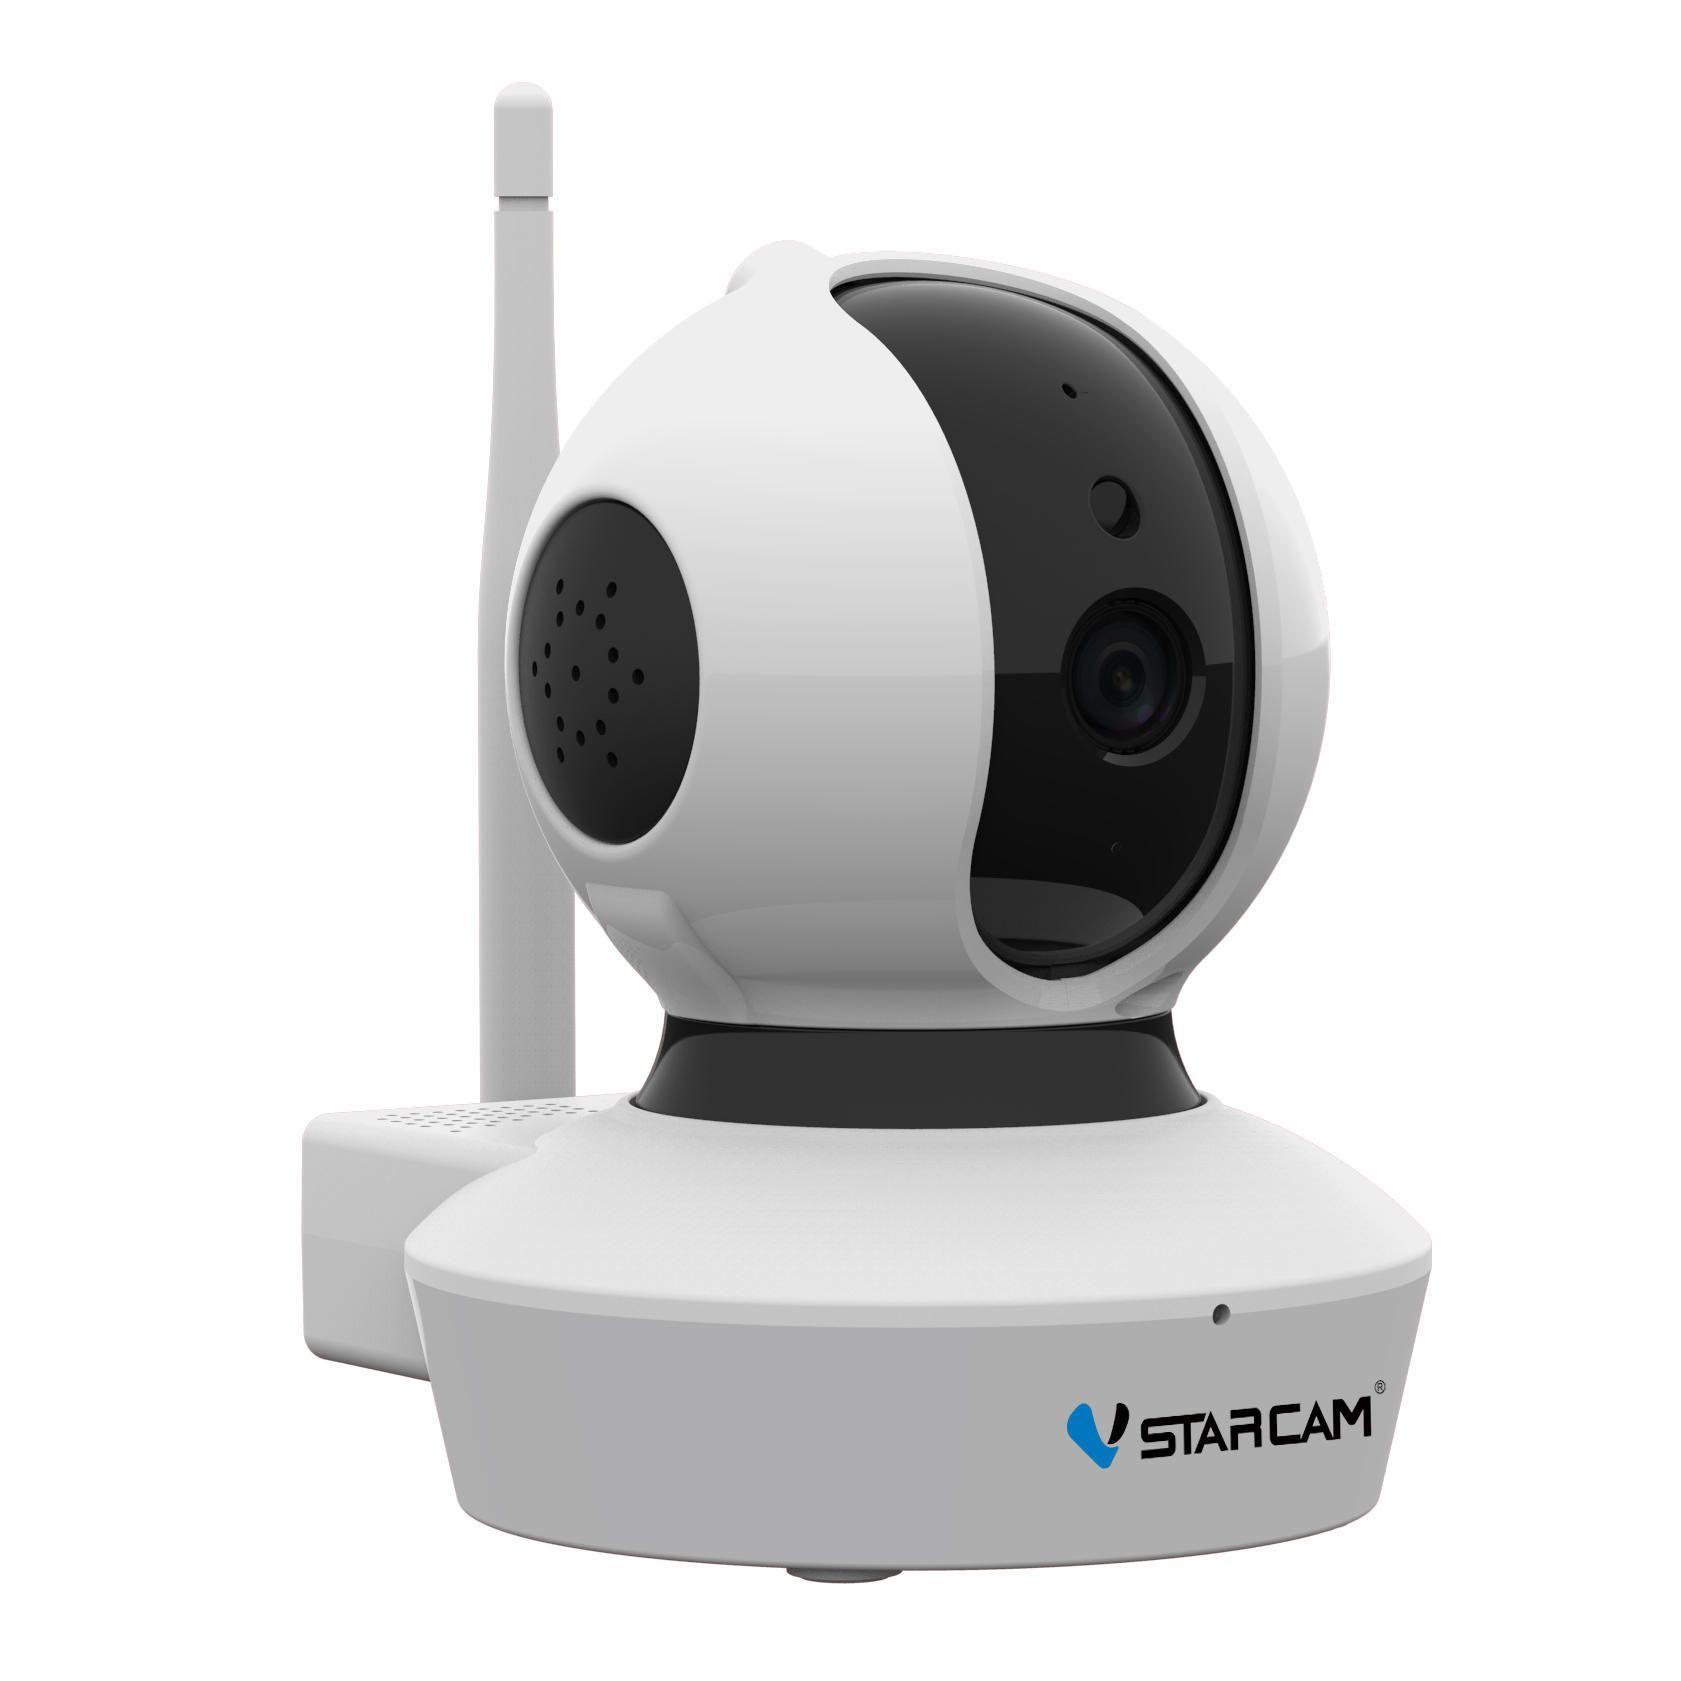 VStarcam C23S 1080P drahtlose IP-Kamera PTZ WiFi-Netzwerk-Sicherheit CCTV-Home Baby Monitor - AU Stecker